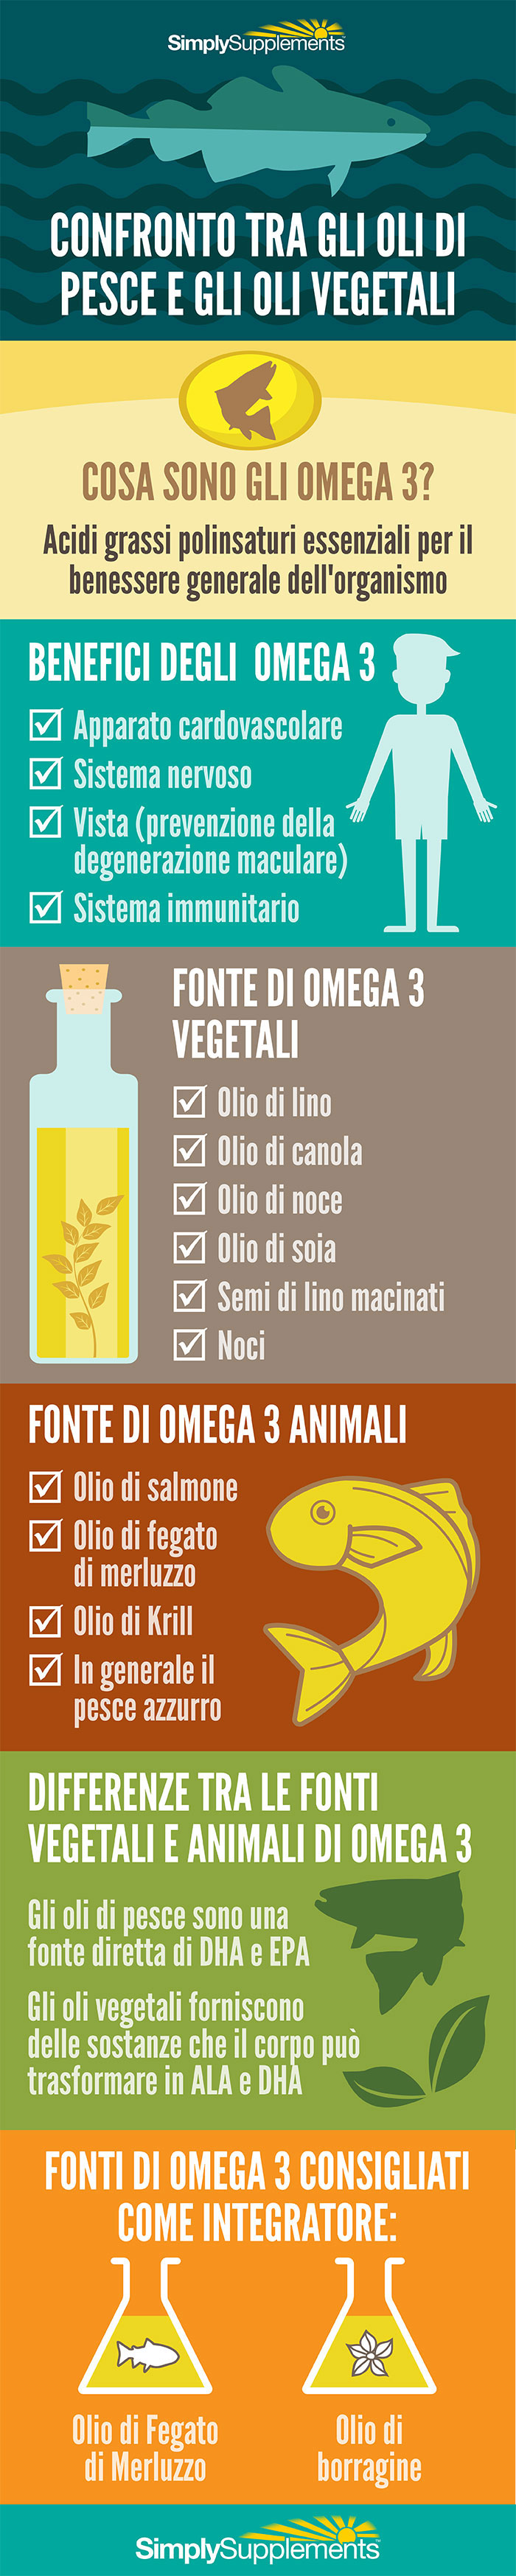 infographic-oli-di-pesce-e-gli-oli-vegetali-a-confronto